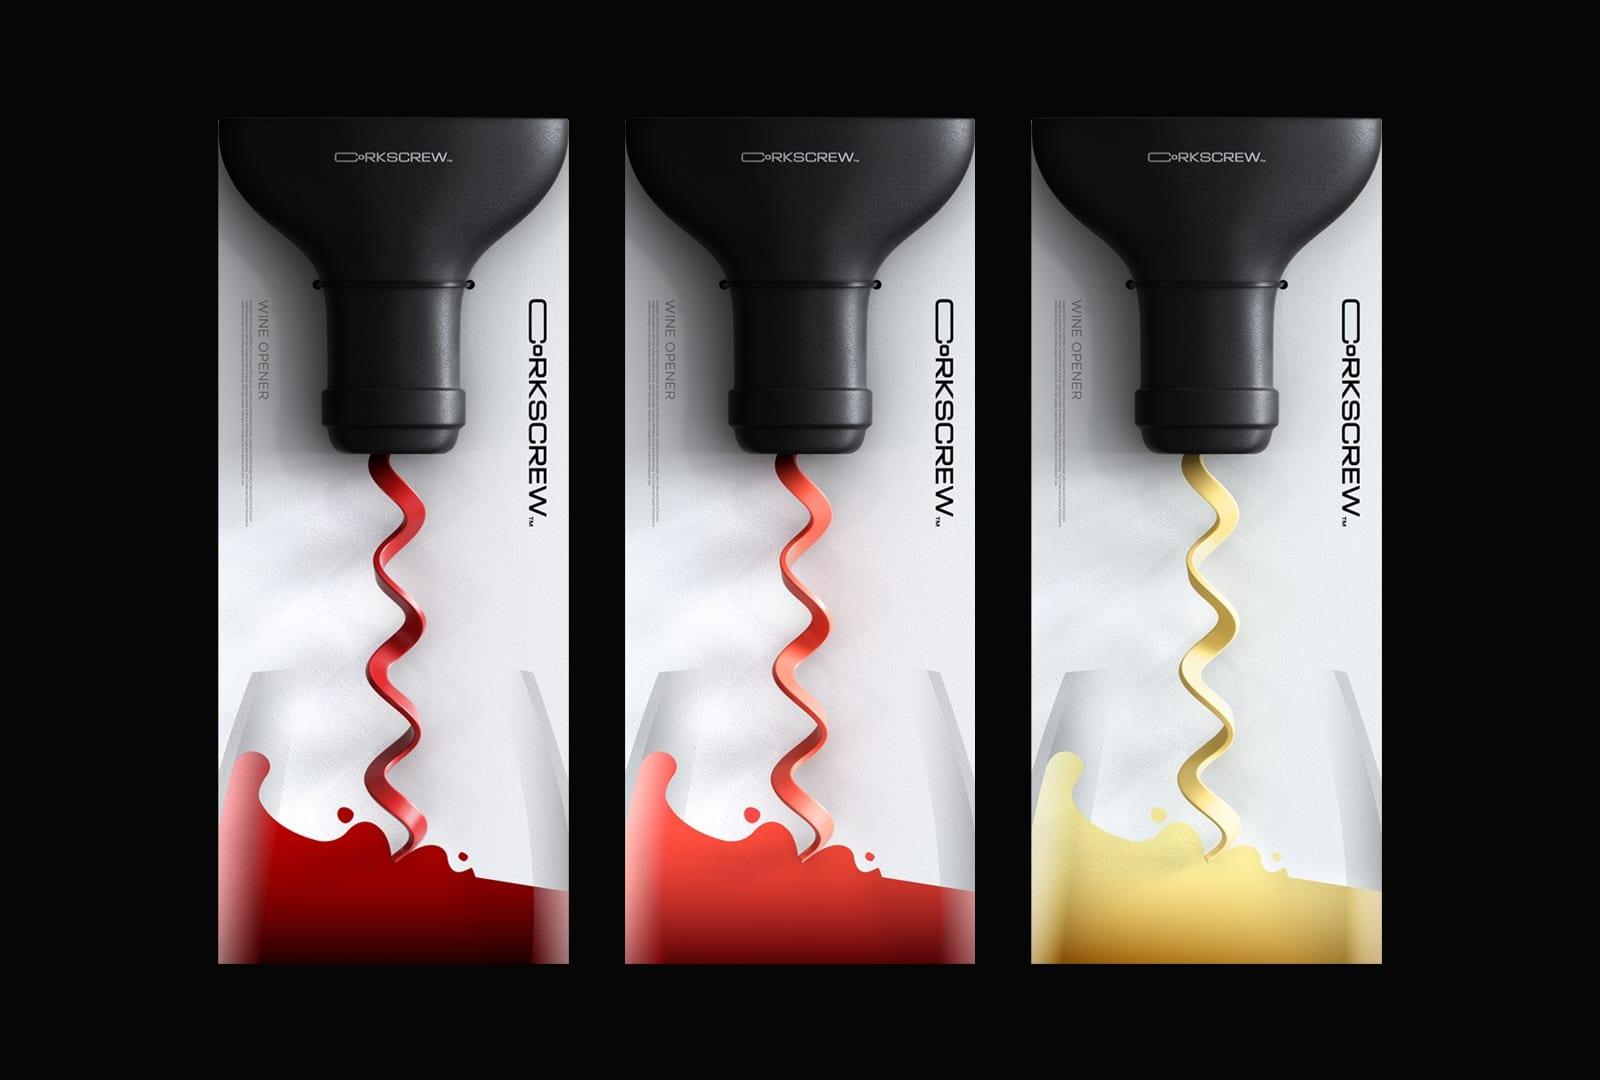 Corkscrew 2 - Ach, tie obaly – Corkscrew